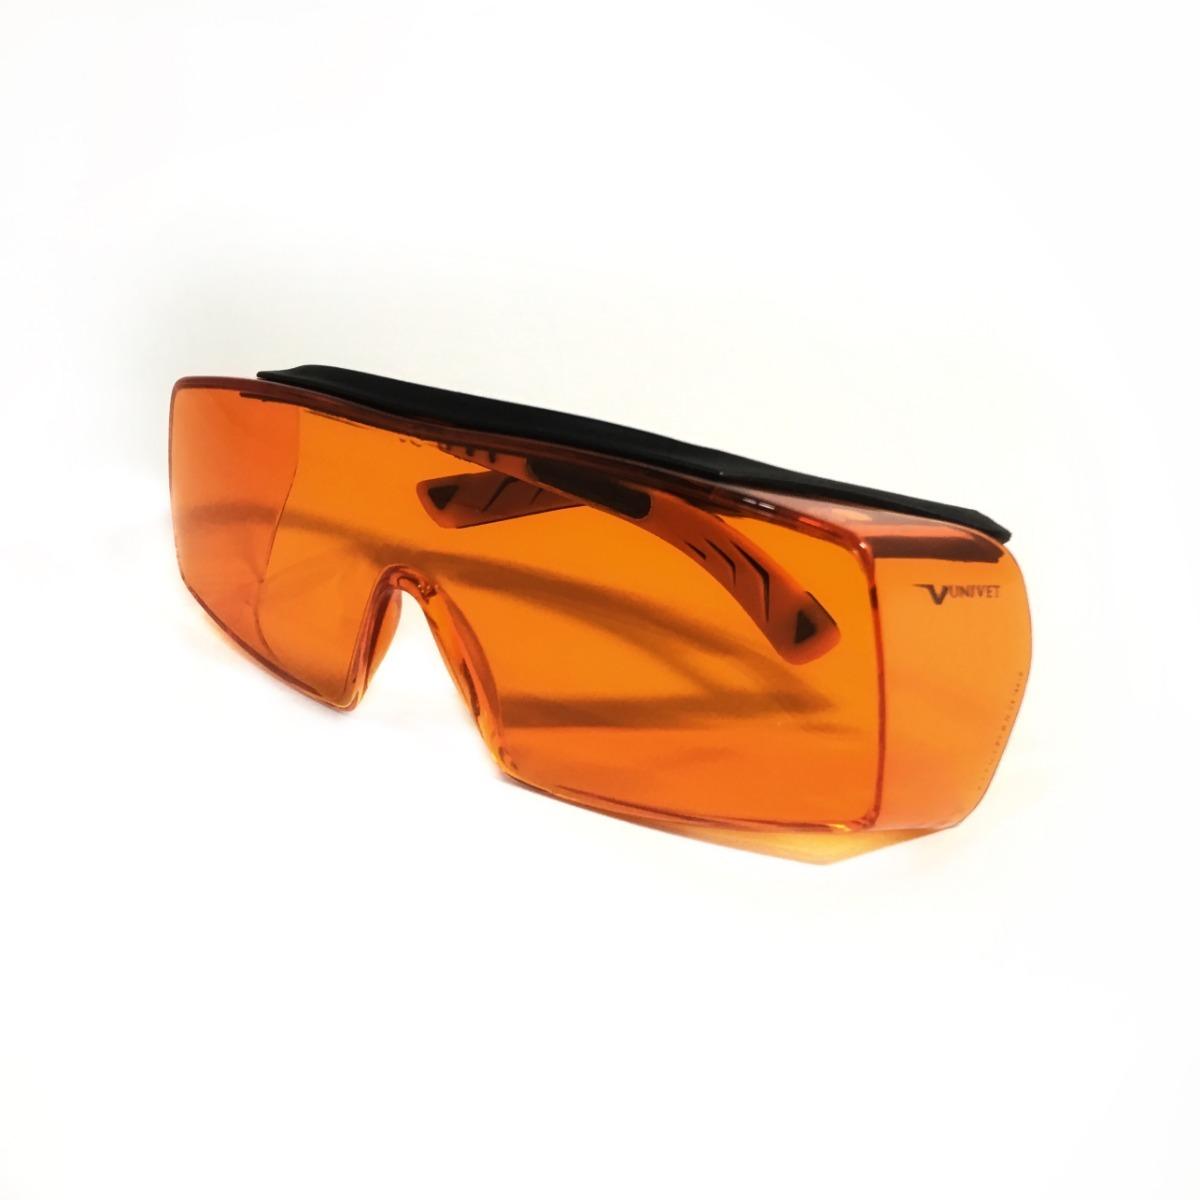 34f364d1440fa Oculos Blue Control Com Lentes Que Bloqueia Luz Azul Lair Rb - R  69 ...